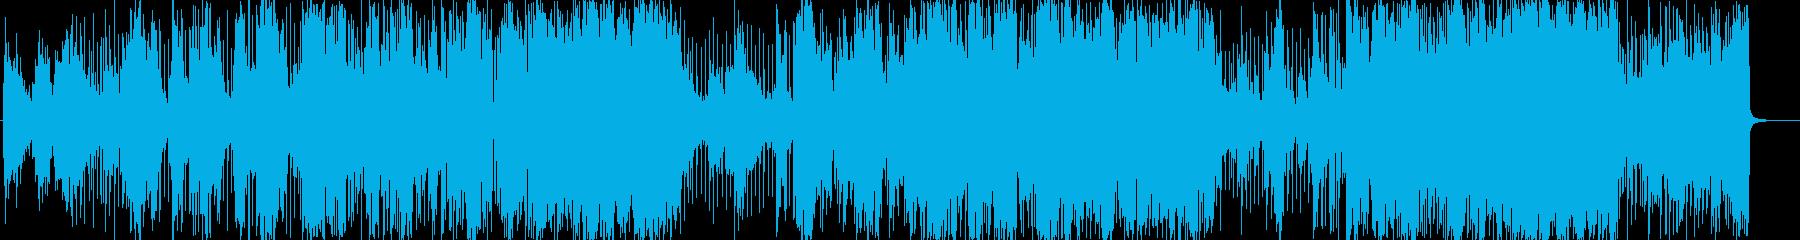 エレキギター/フュージョンの再生済みの波形